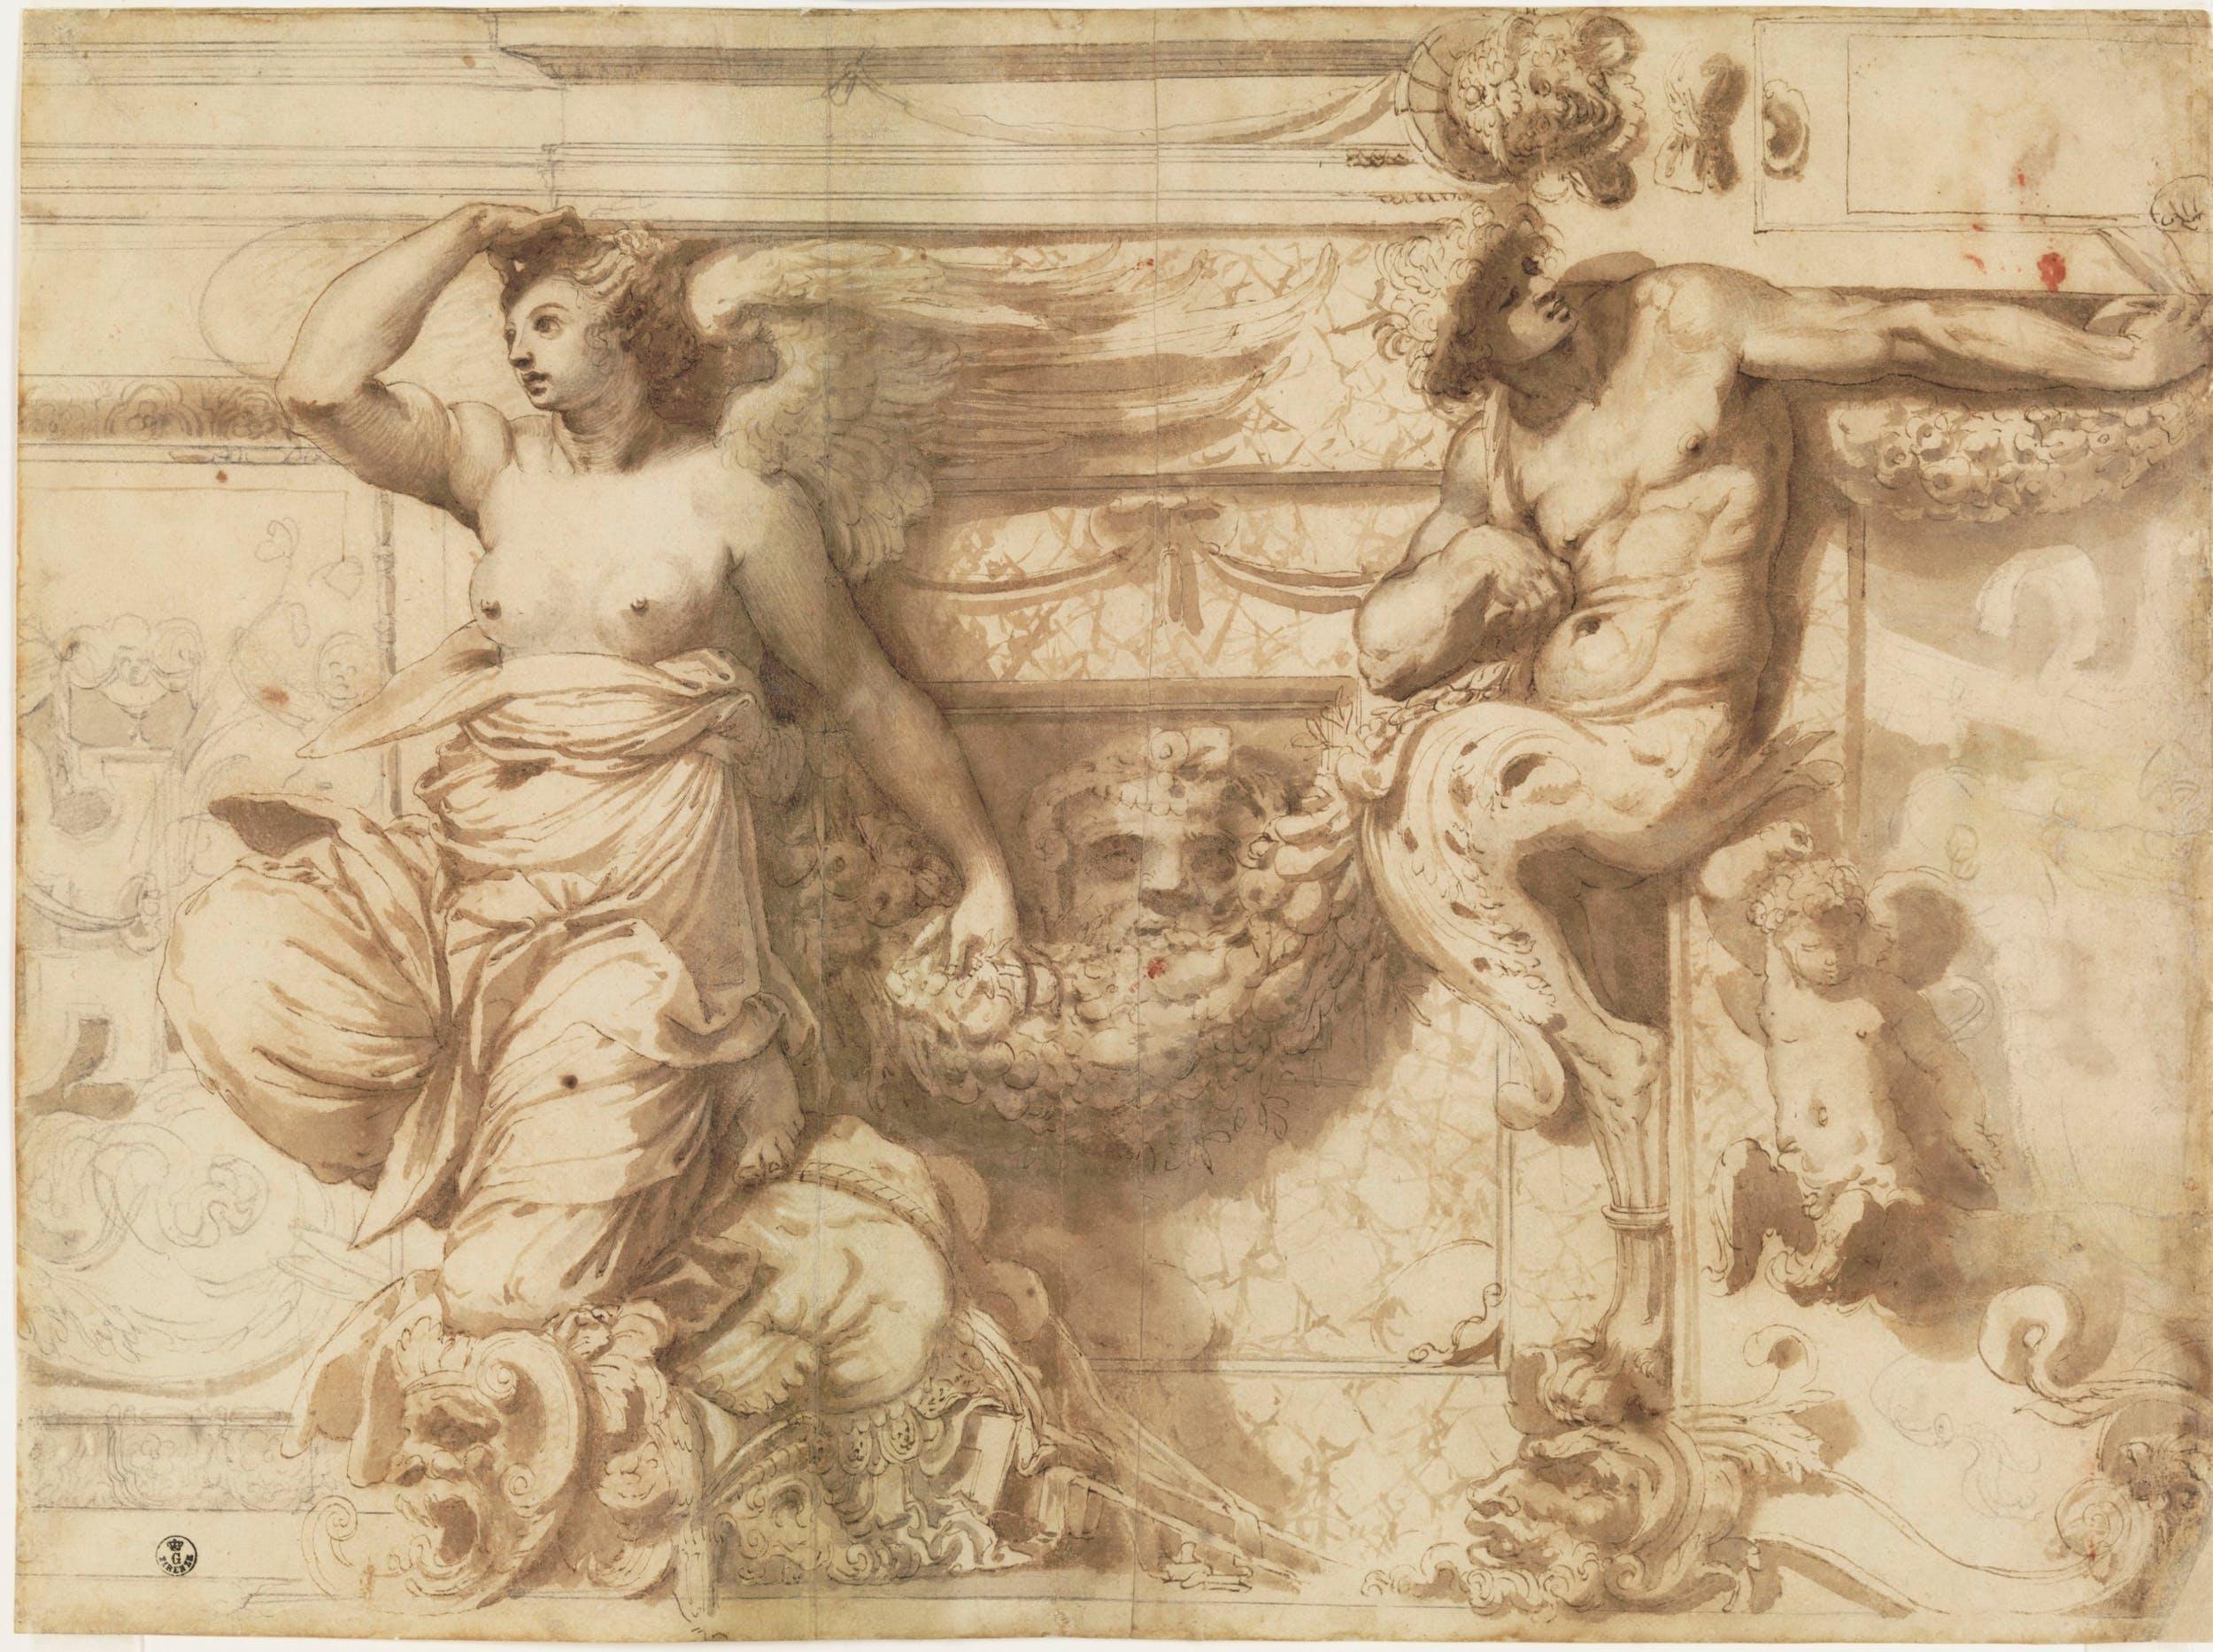 Perin del Vaga, Fregio ornato di figura alata, cariatide e putto, Gabinetto Disegni e Stampe degli Uffizi, inv. 726 E